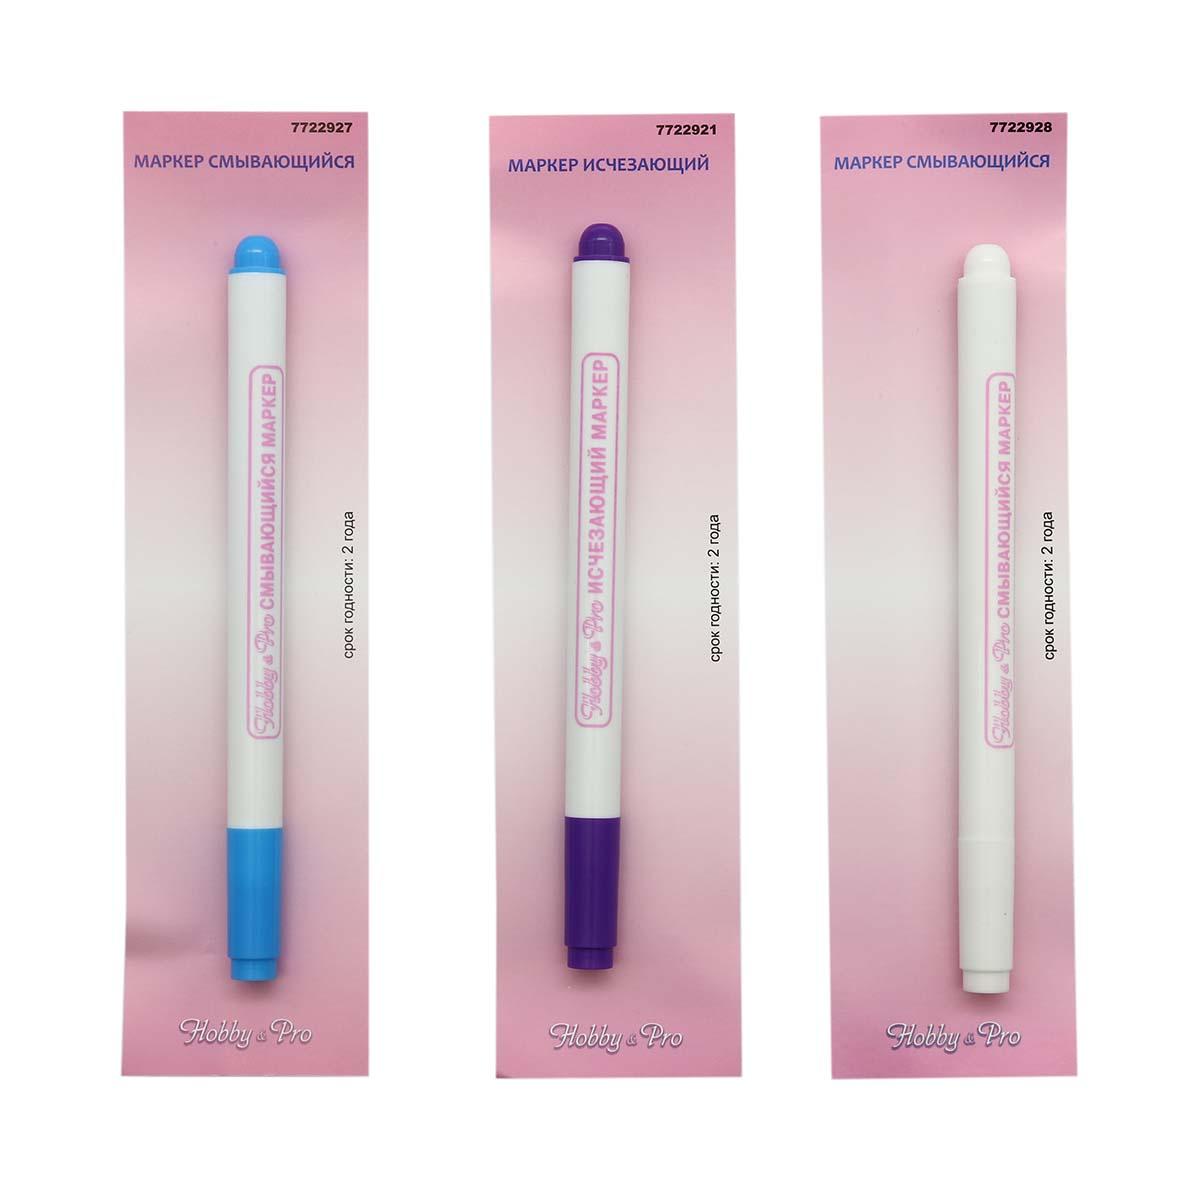 Набор маркеров для шитья и рукоделия базовый (смывающийся и исчезающий), Hobby&Pro